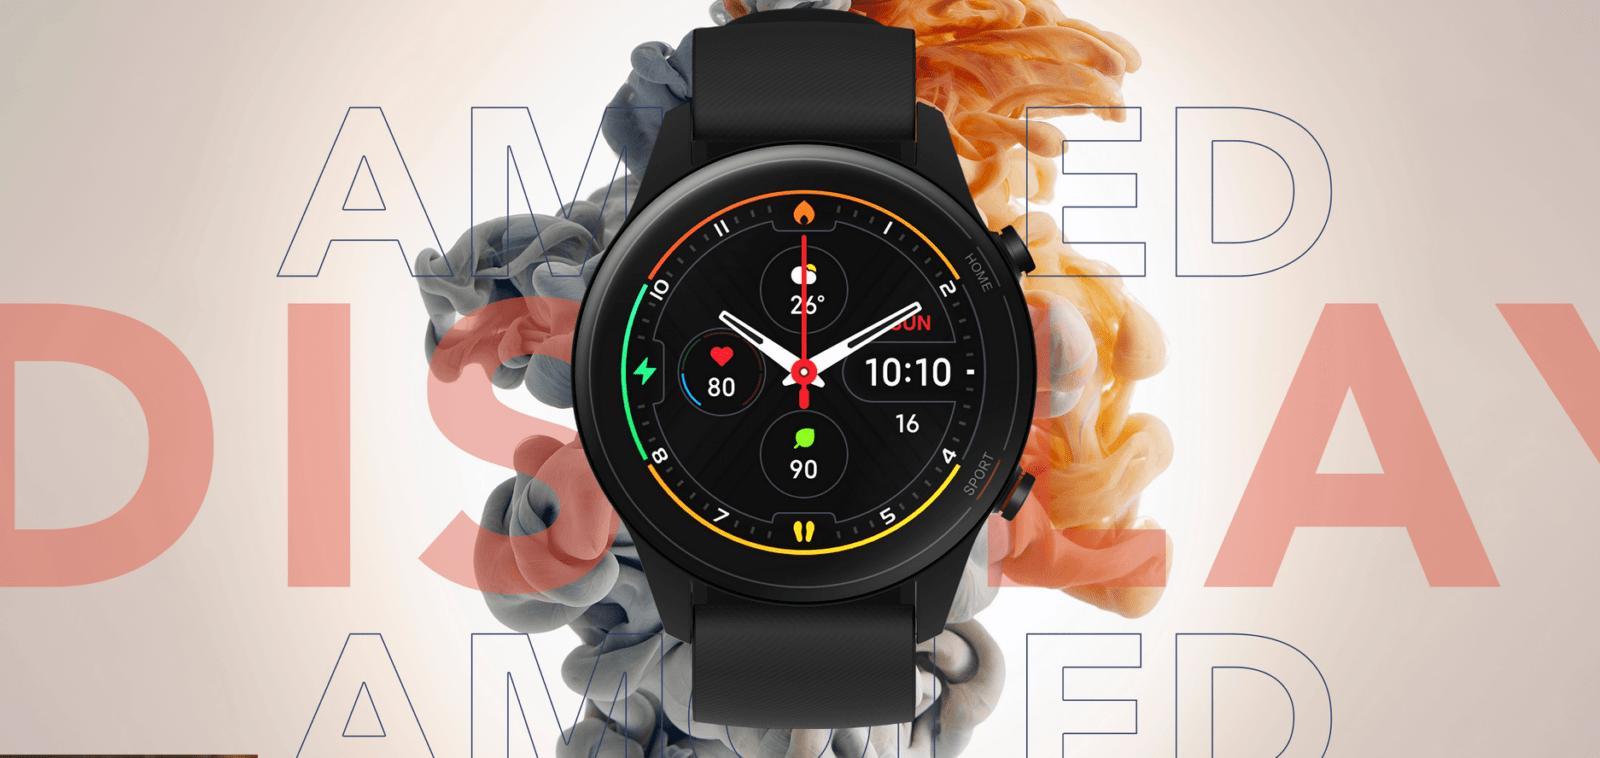 Xiaomi представила умные часы Mi Watch Revolve Active с ценой в 135 долларов